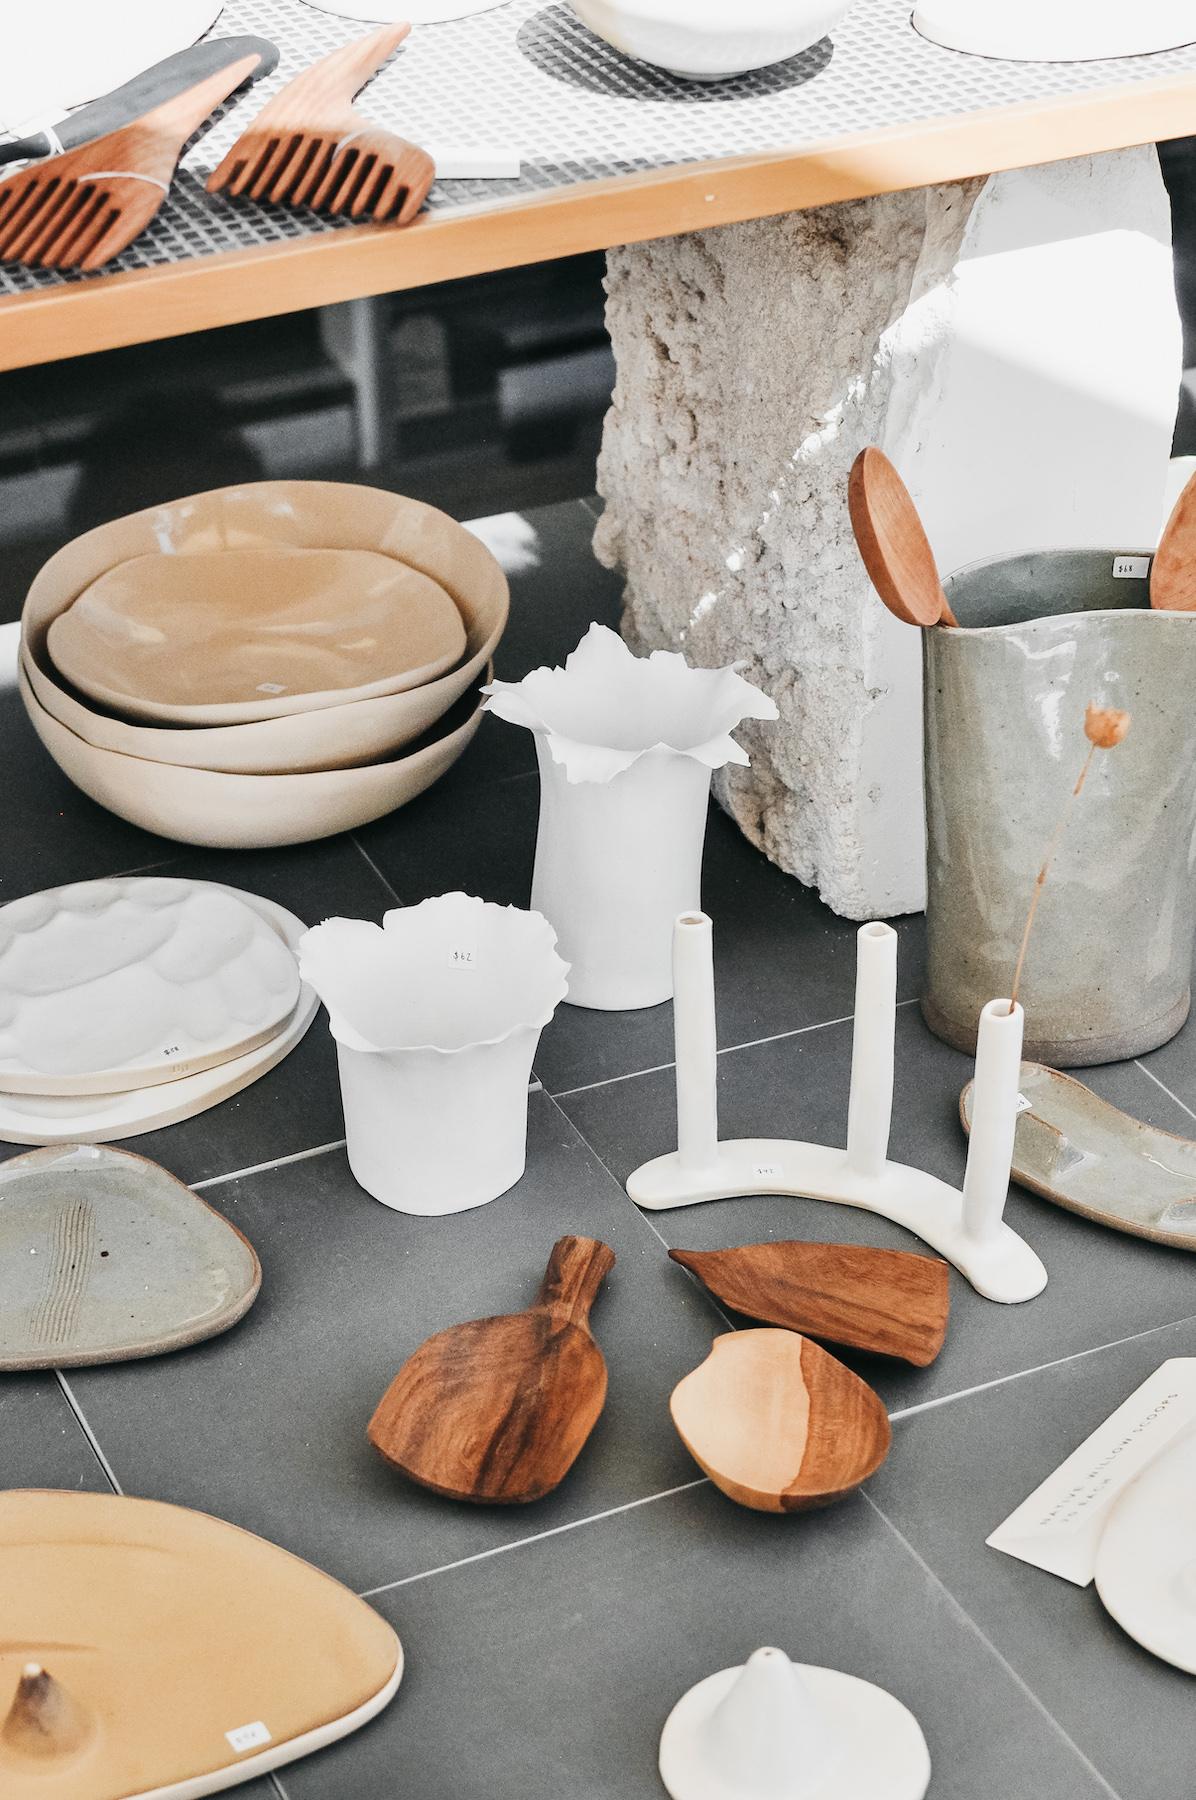 Kura Studio   Image by Sarah Landro